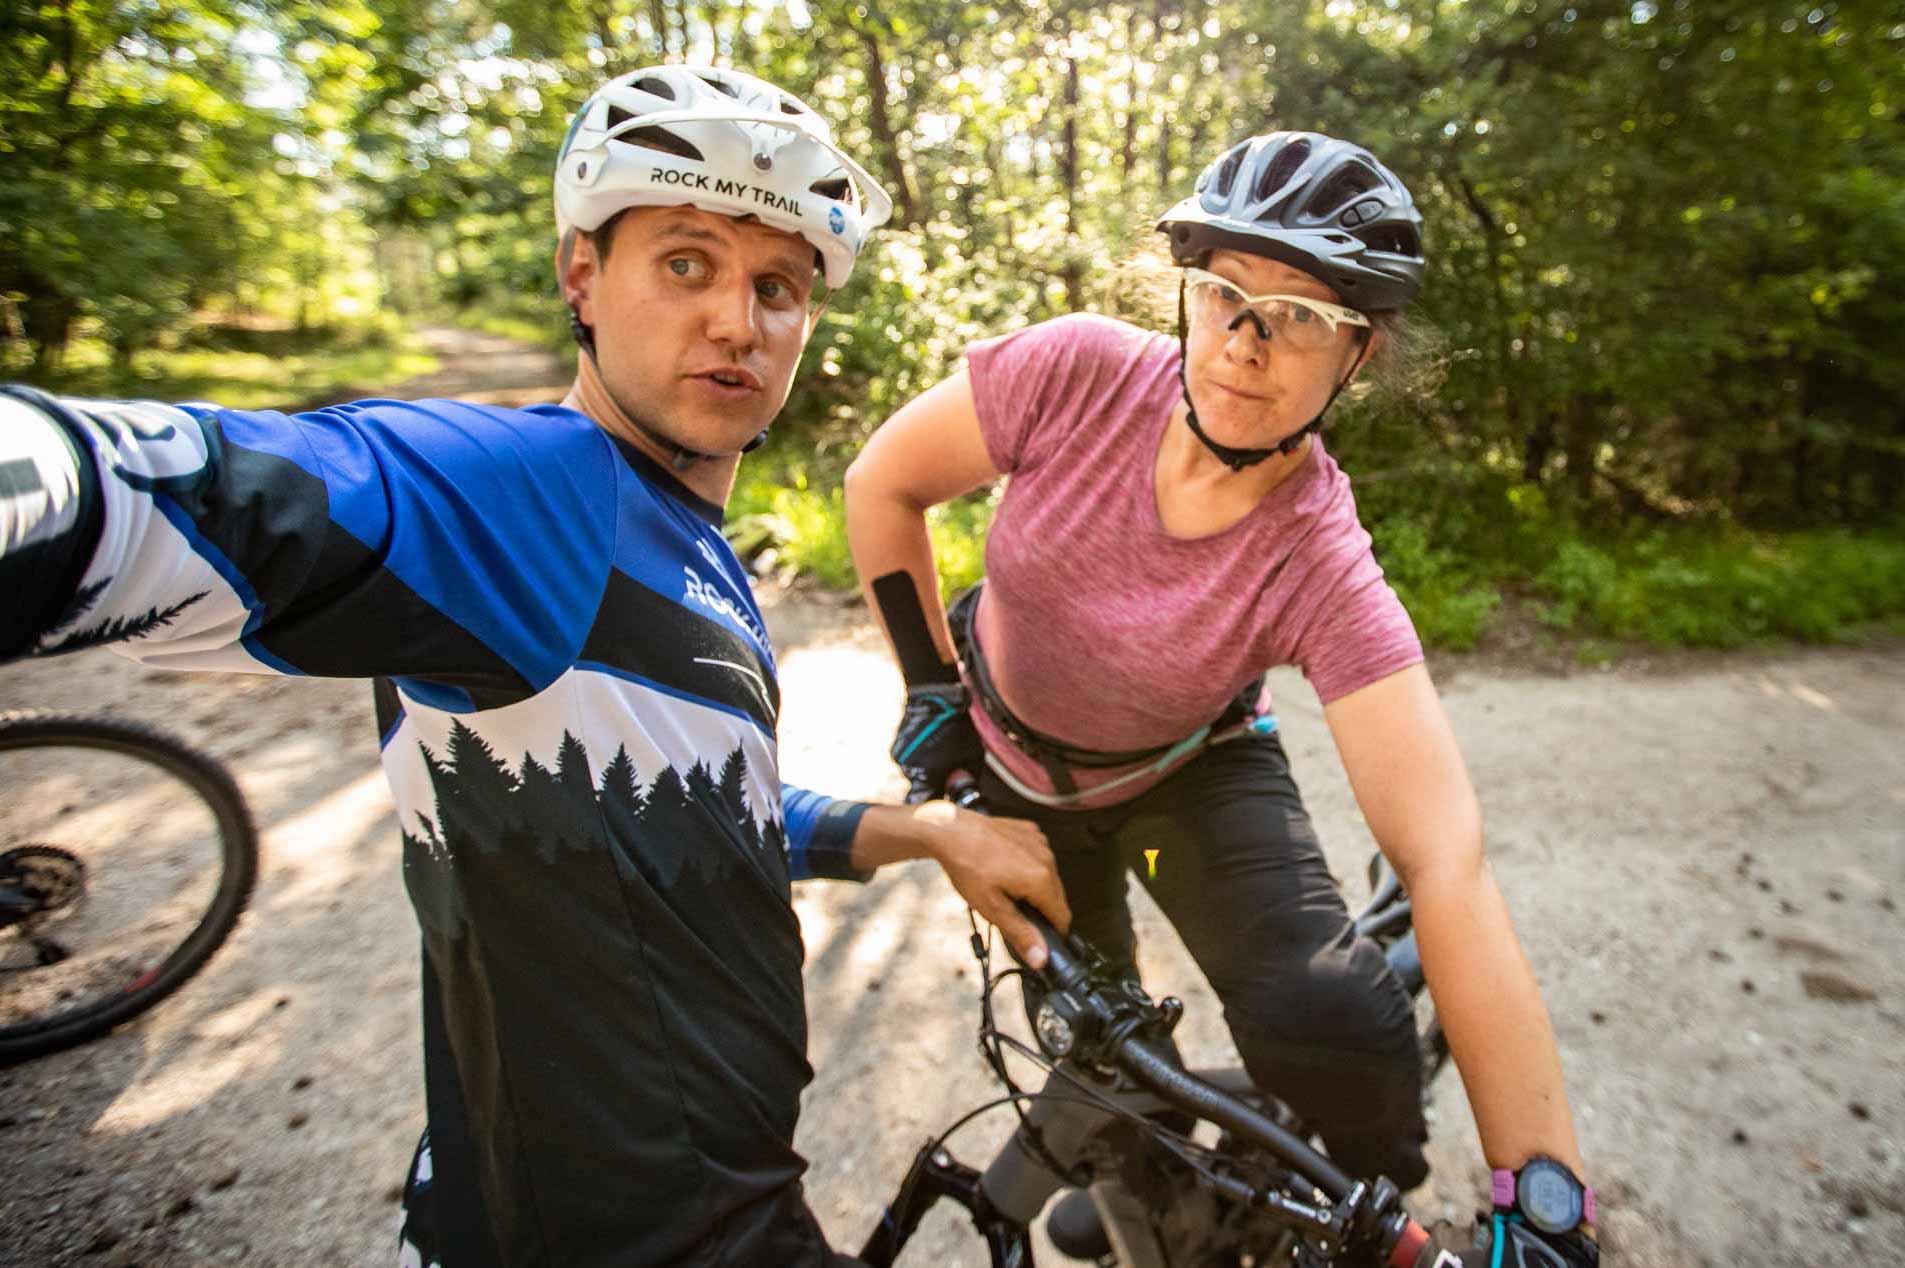 MTB Fahrtechnik Kurs für Einsteiger in Saarbrücken - Mountainbike Basic - Rock my Trail Bikeschule - 24